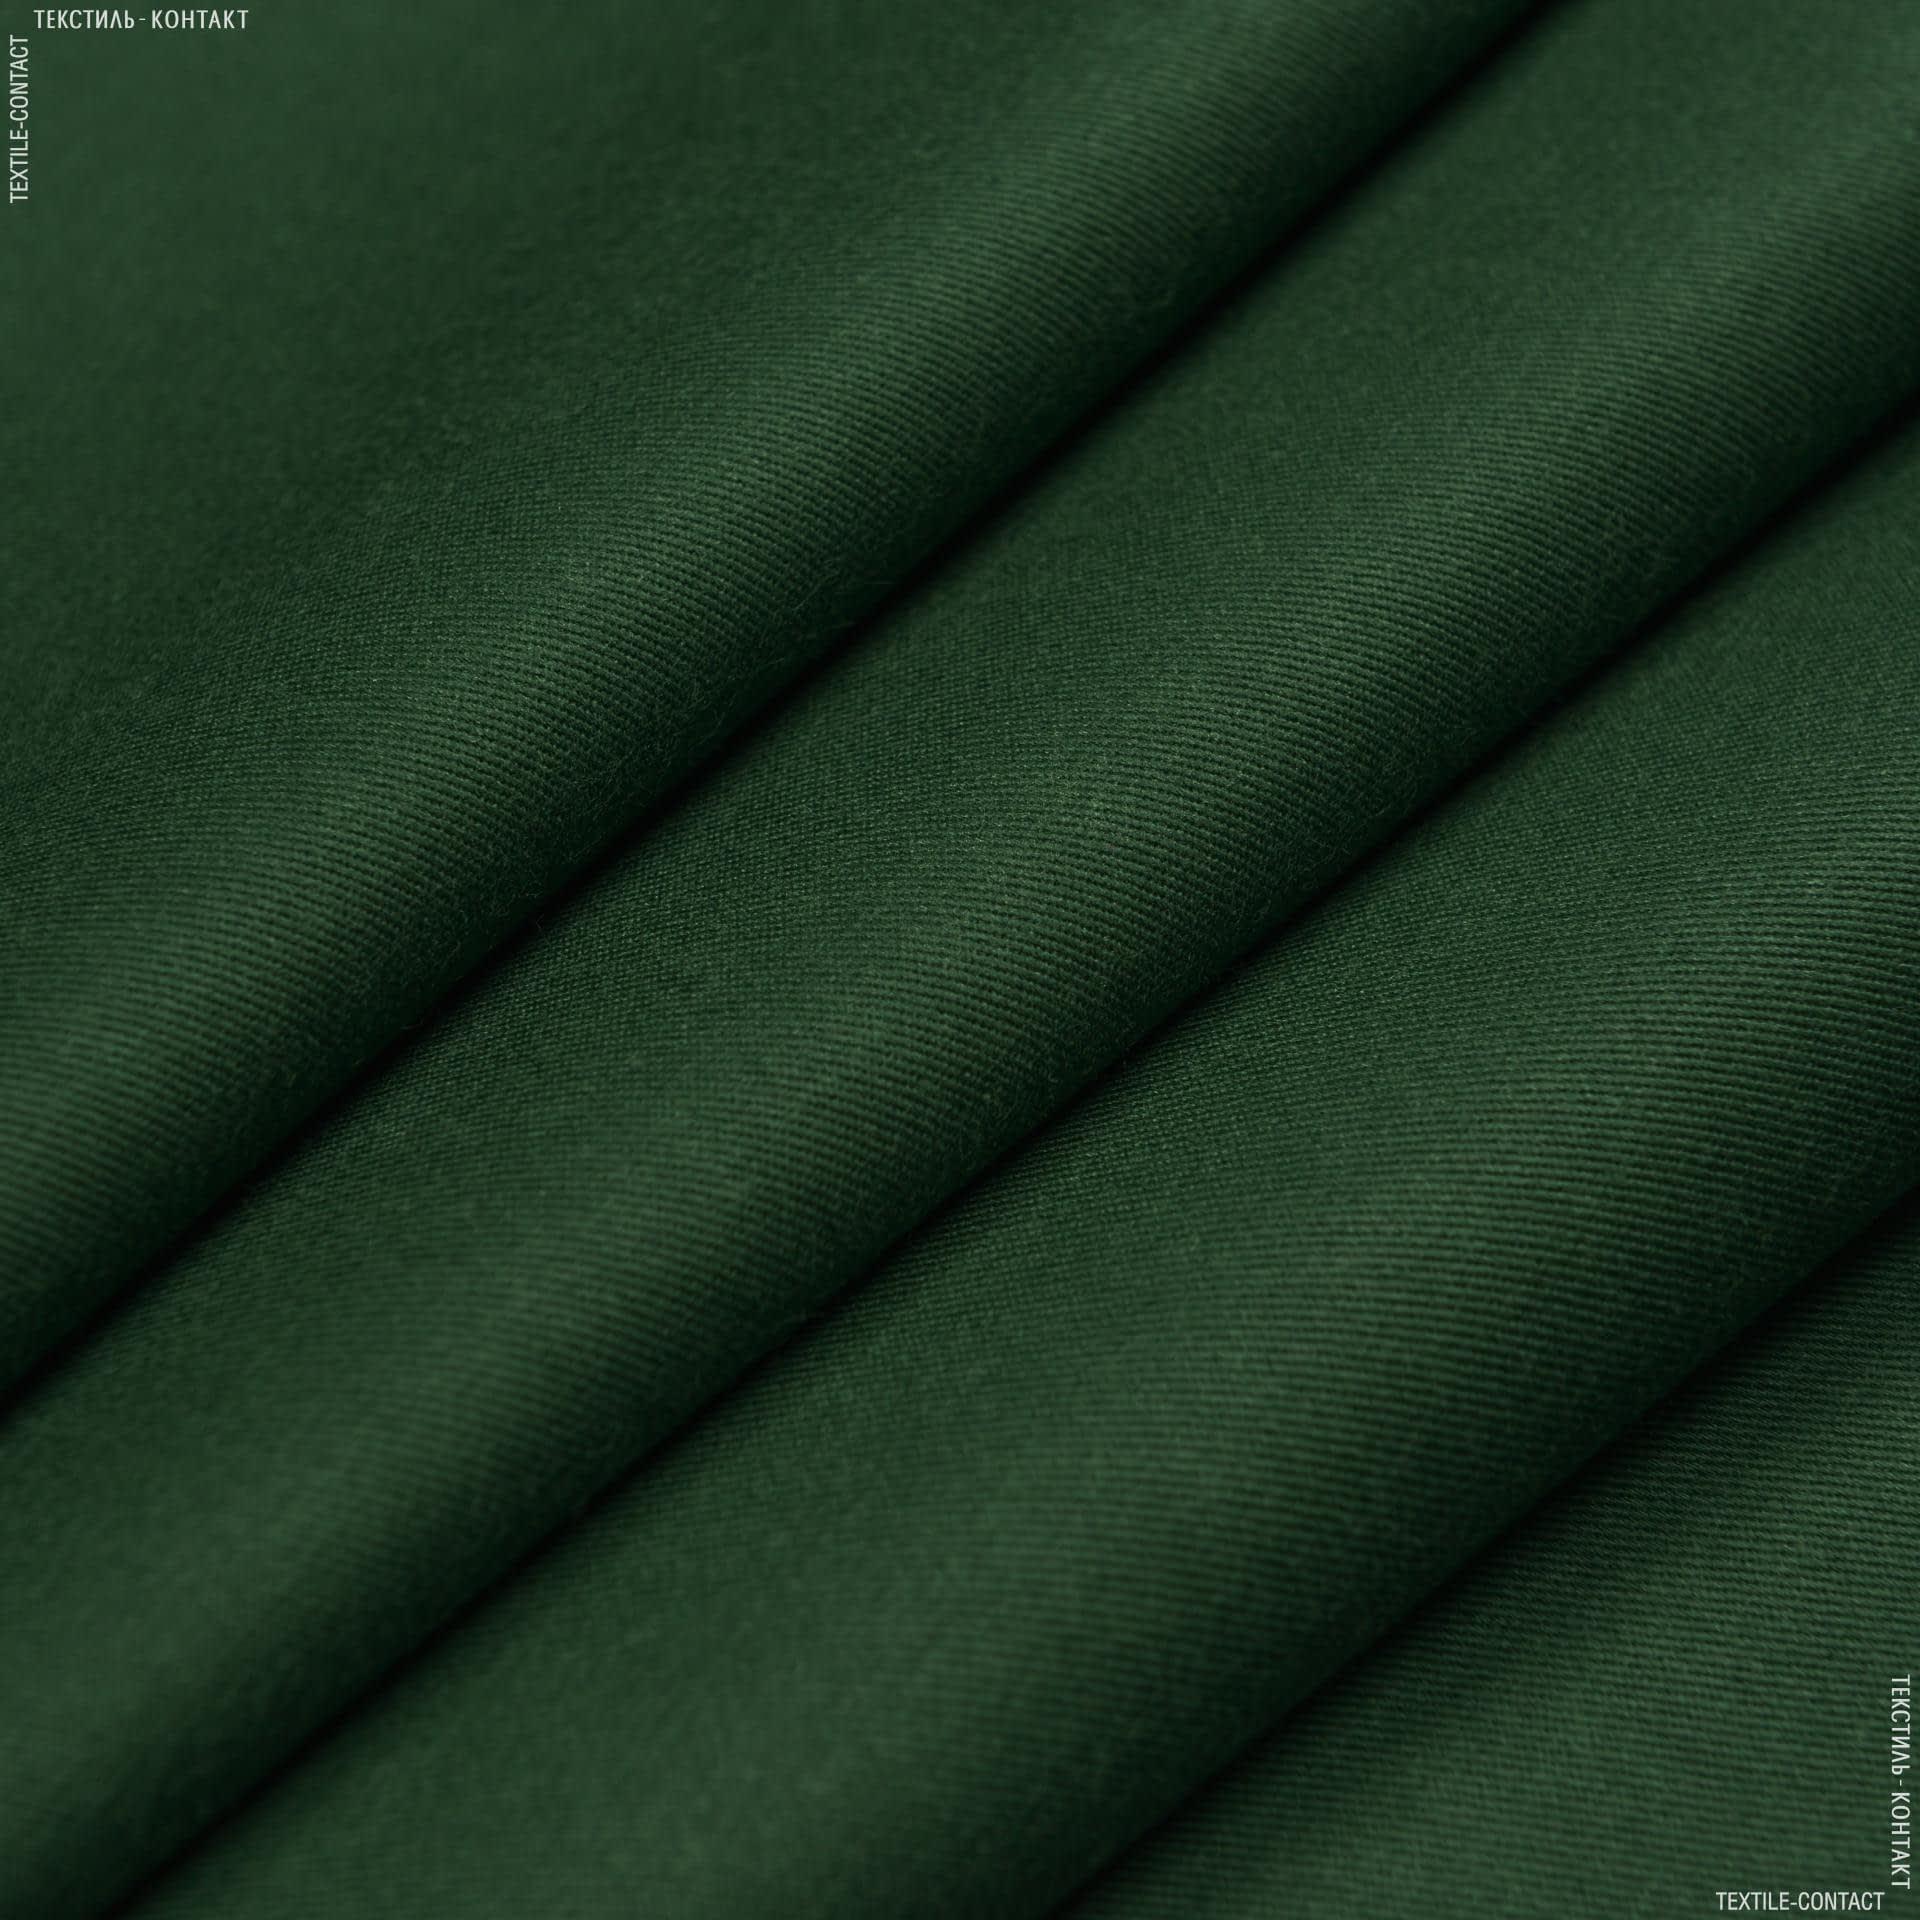 Тканини для рюкзаків - СаржаС38ЮД  зелений